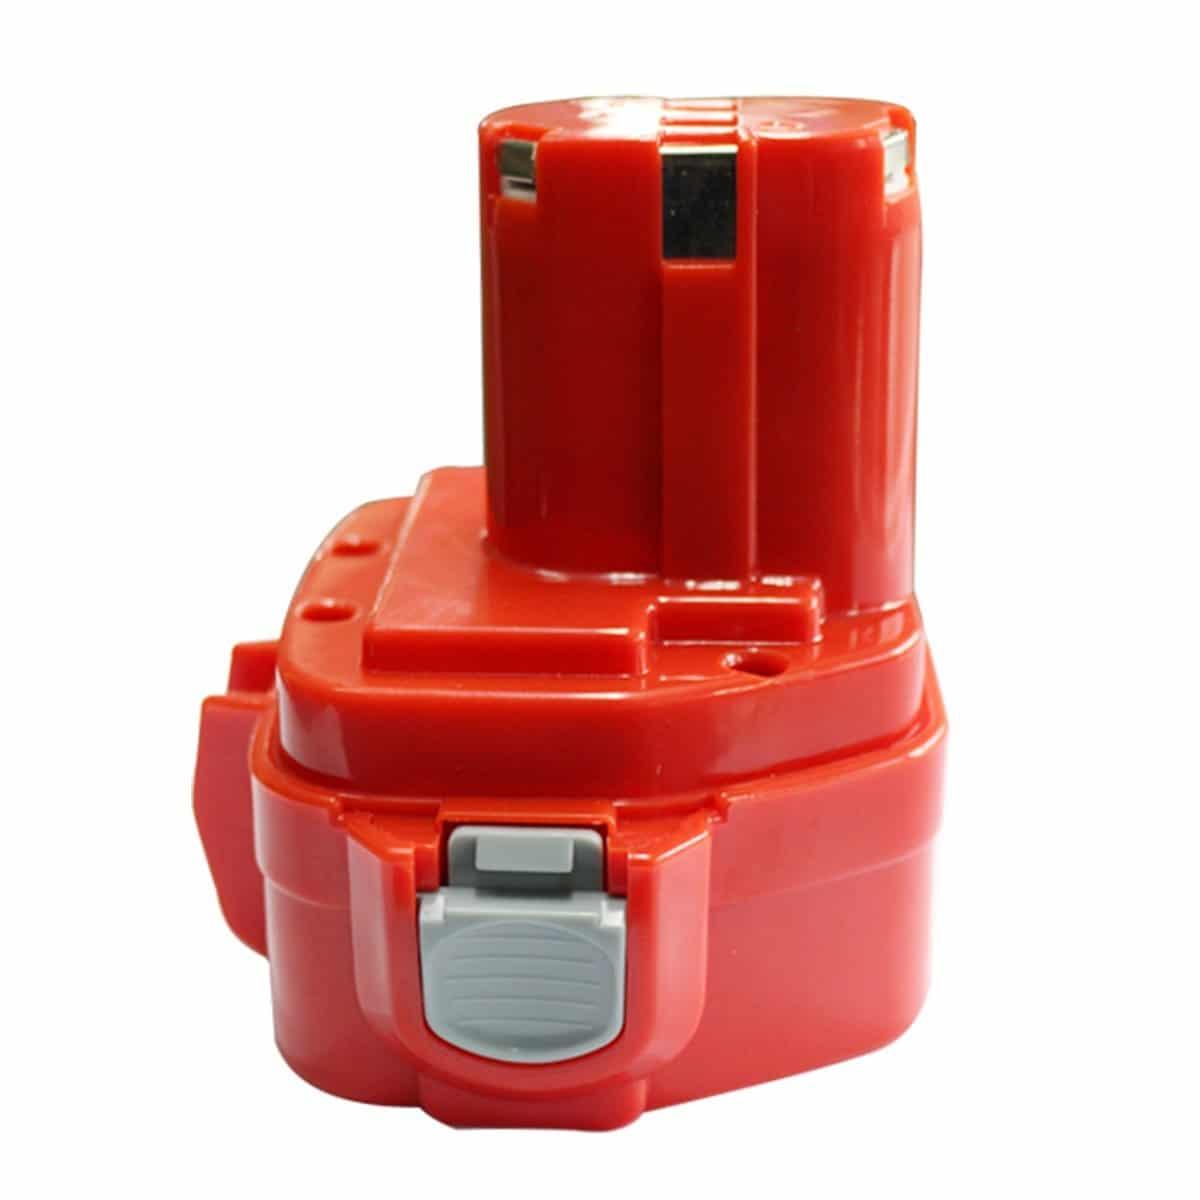 Brilite 12V Replacement Rechargable Battery 2.0Ah NI-Cd For Makita Cordless Tools 1200 1220 1201 PA12 1222 1233S 1233SA